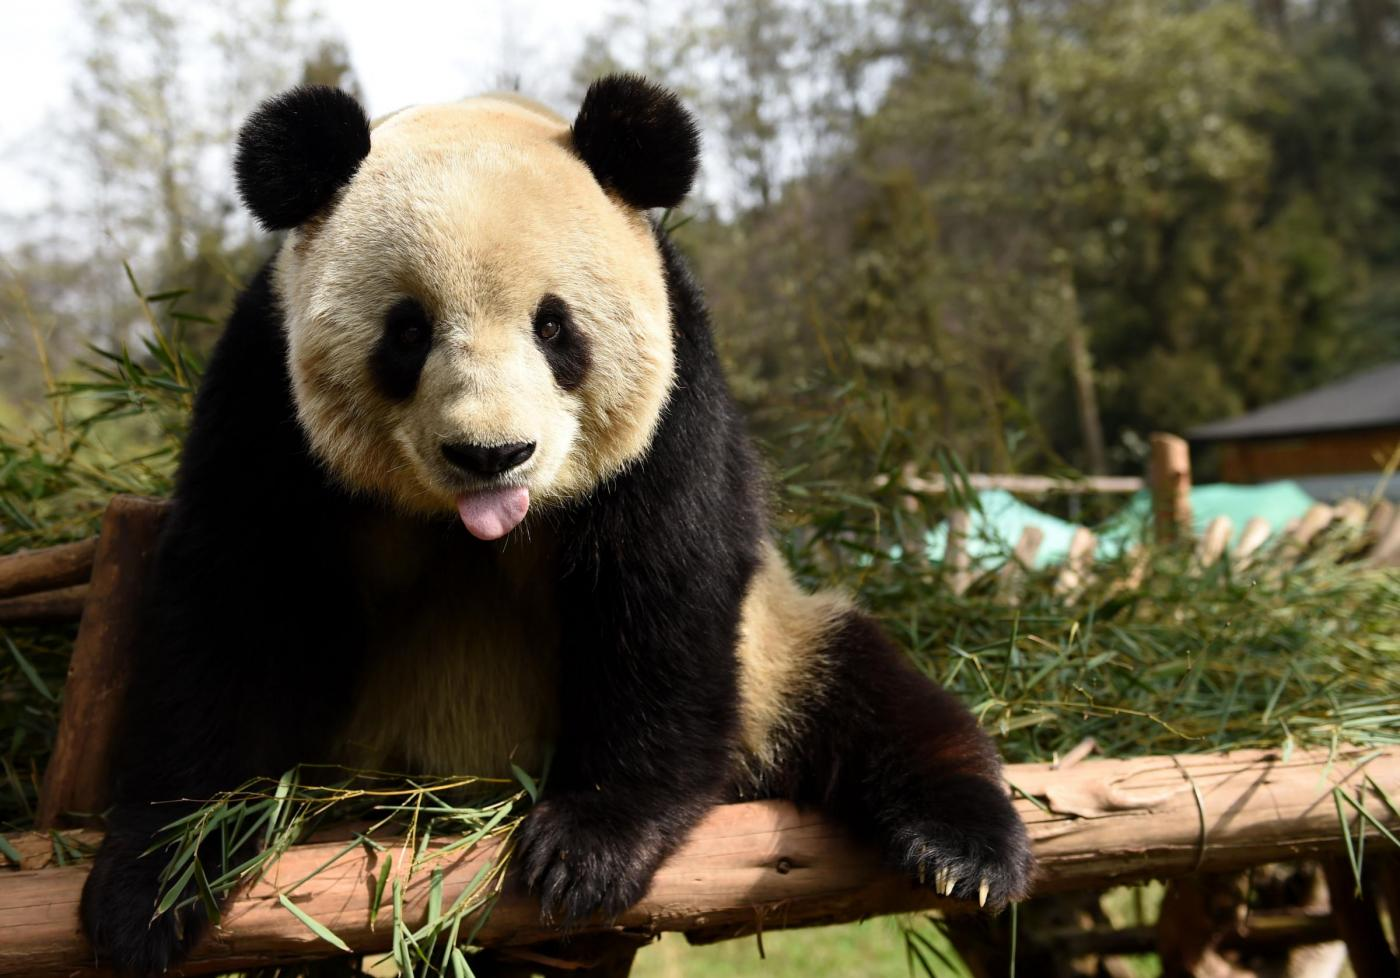 Cina, Sijia, il panda gigante prende il sole 26